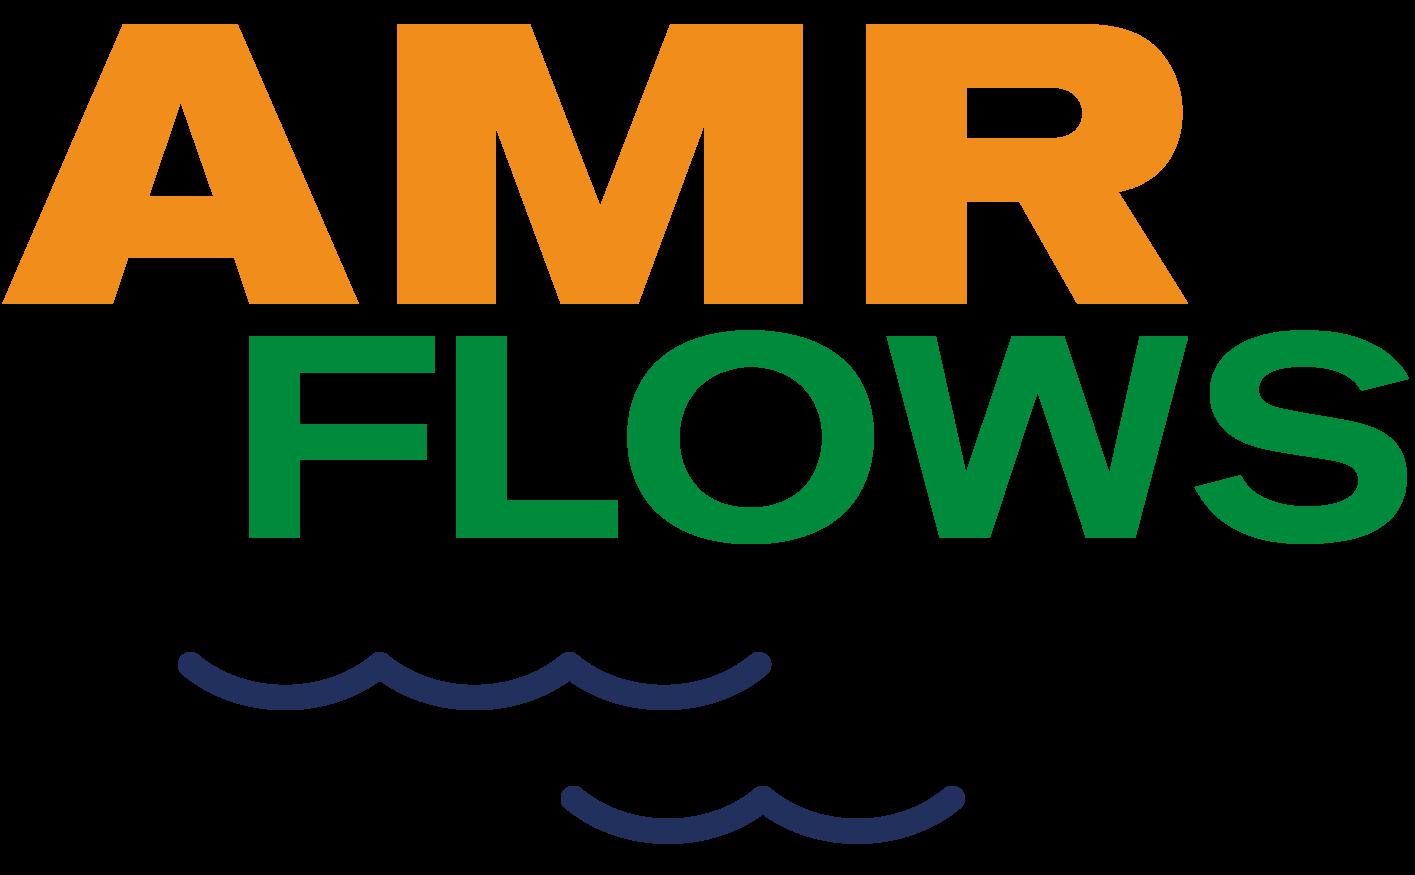 AMRflows